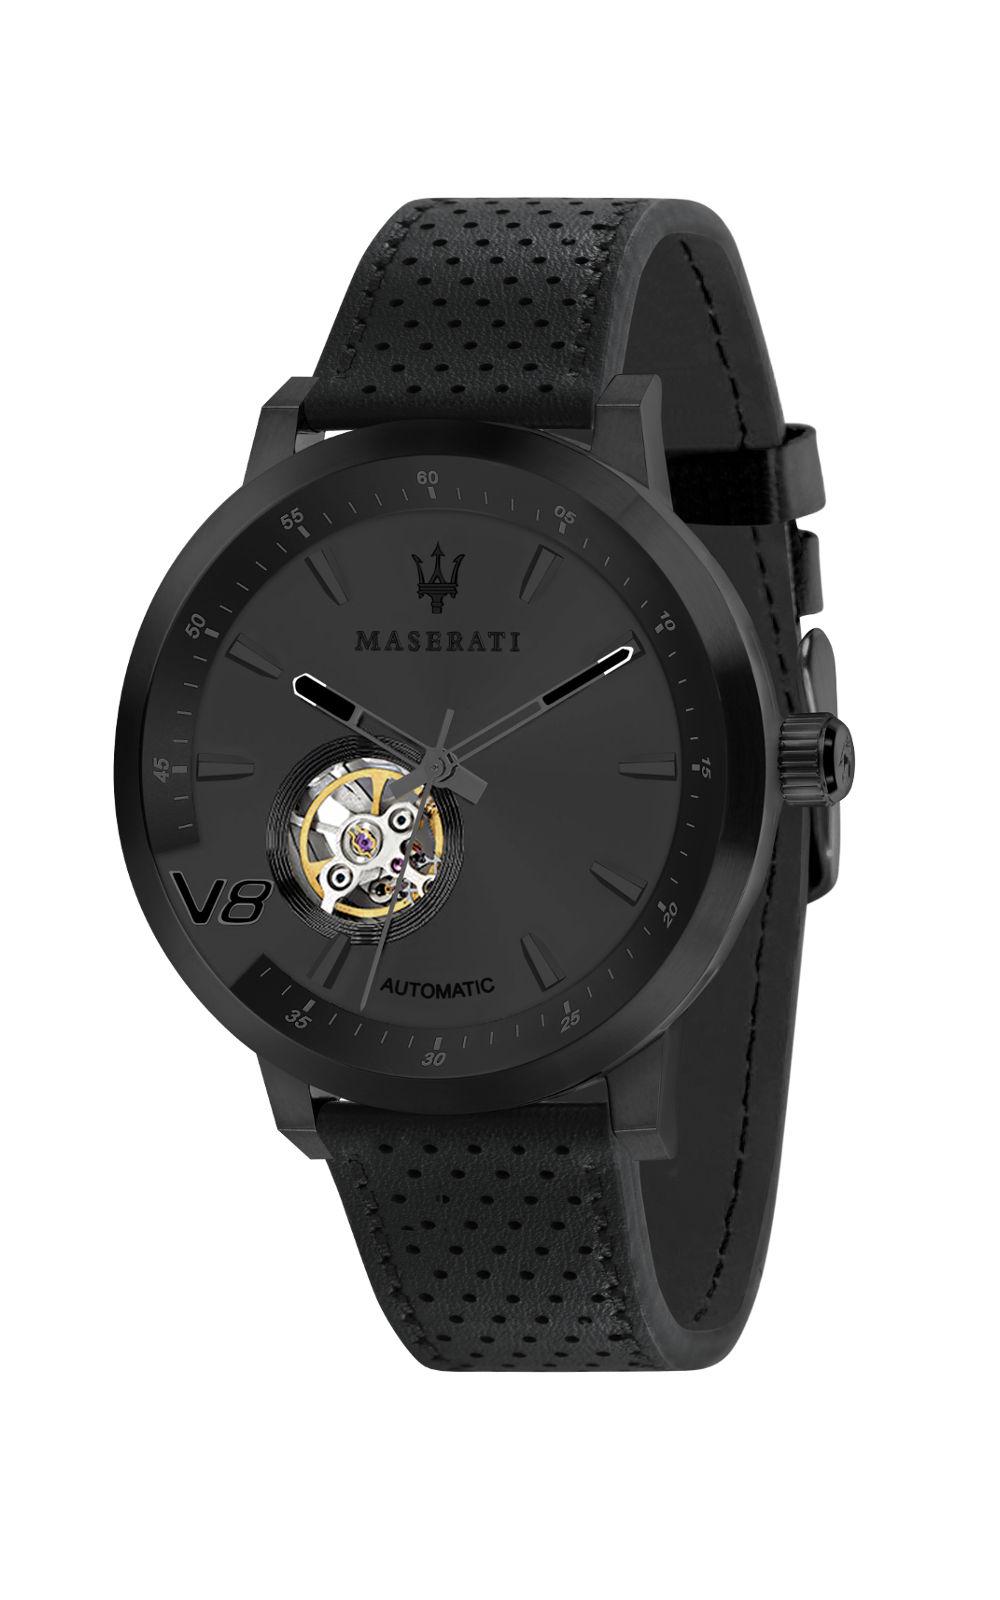 e164a56060 MASERATI GT R8821134001 Ανδρικό Ρολόι Αυτόματο